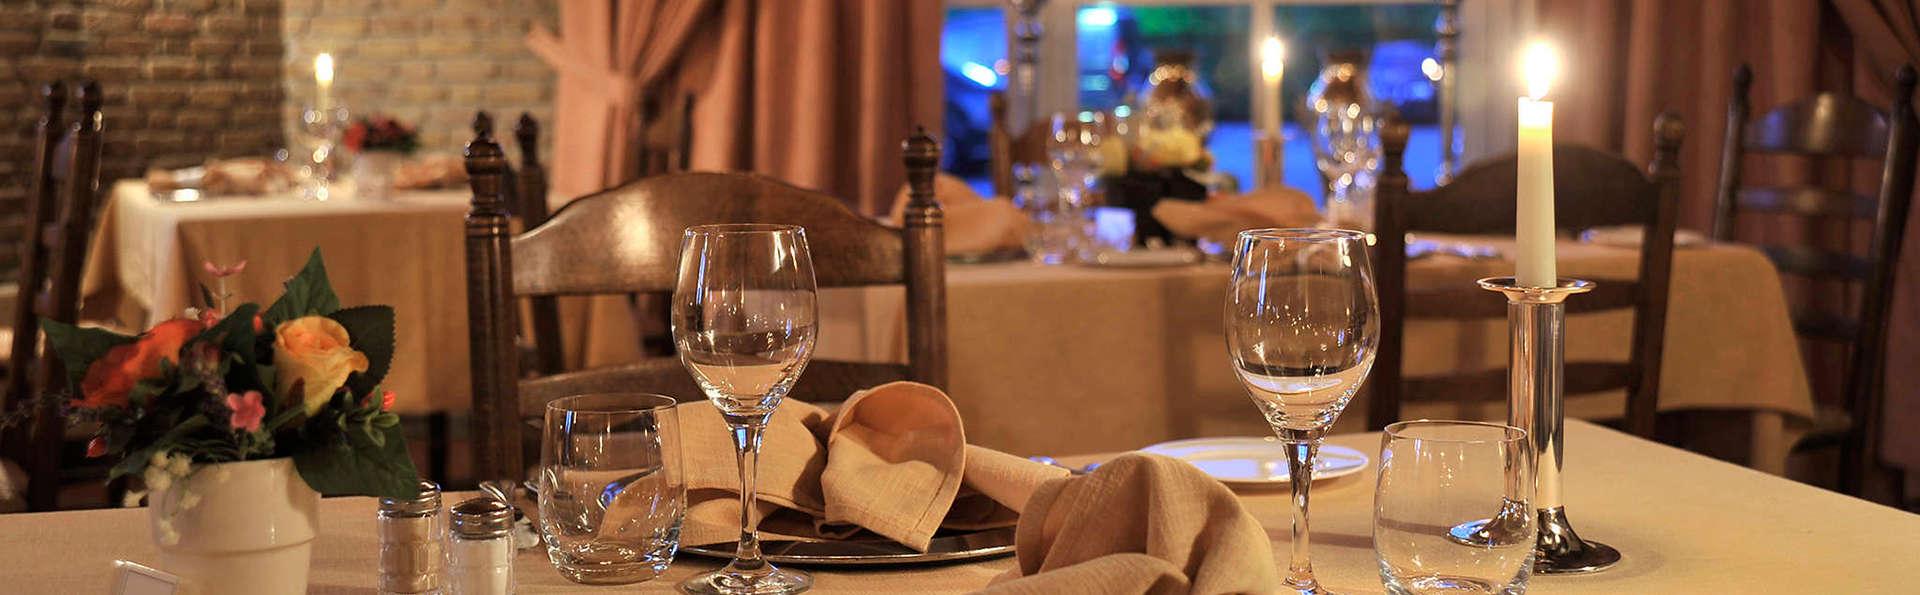 Luxe et dîner gastronomique au De 7 Bergsche Hoeve